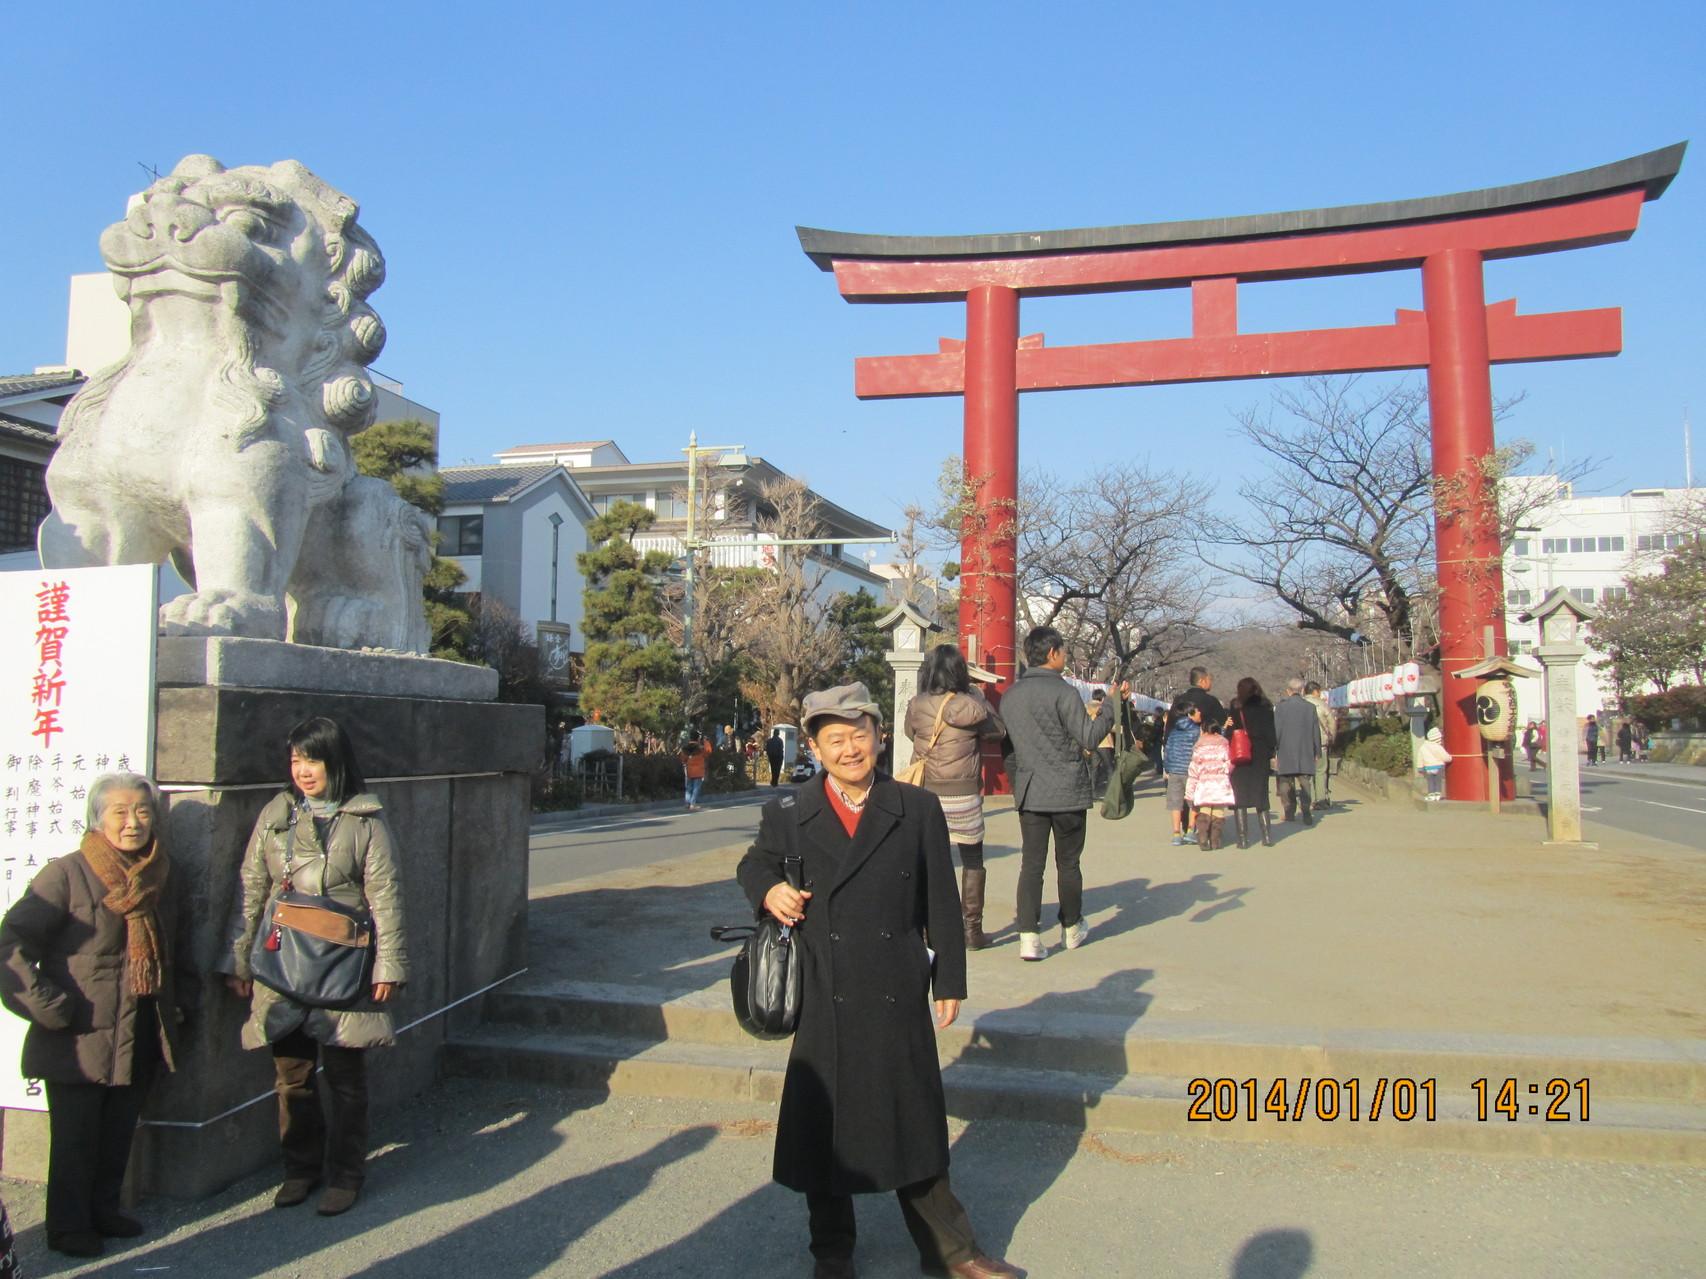 鶴岡八幡宮(つるがおか はちまんぐう)。源 頼朝が現在地に移し、現在の姿に造り直しました。